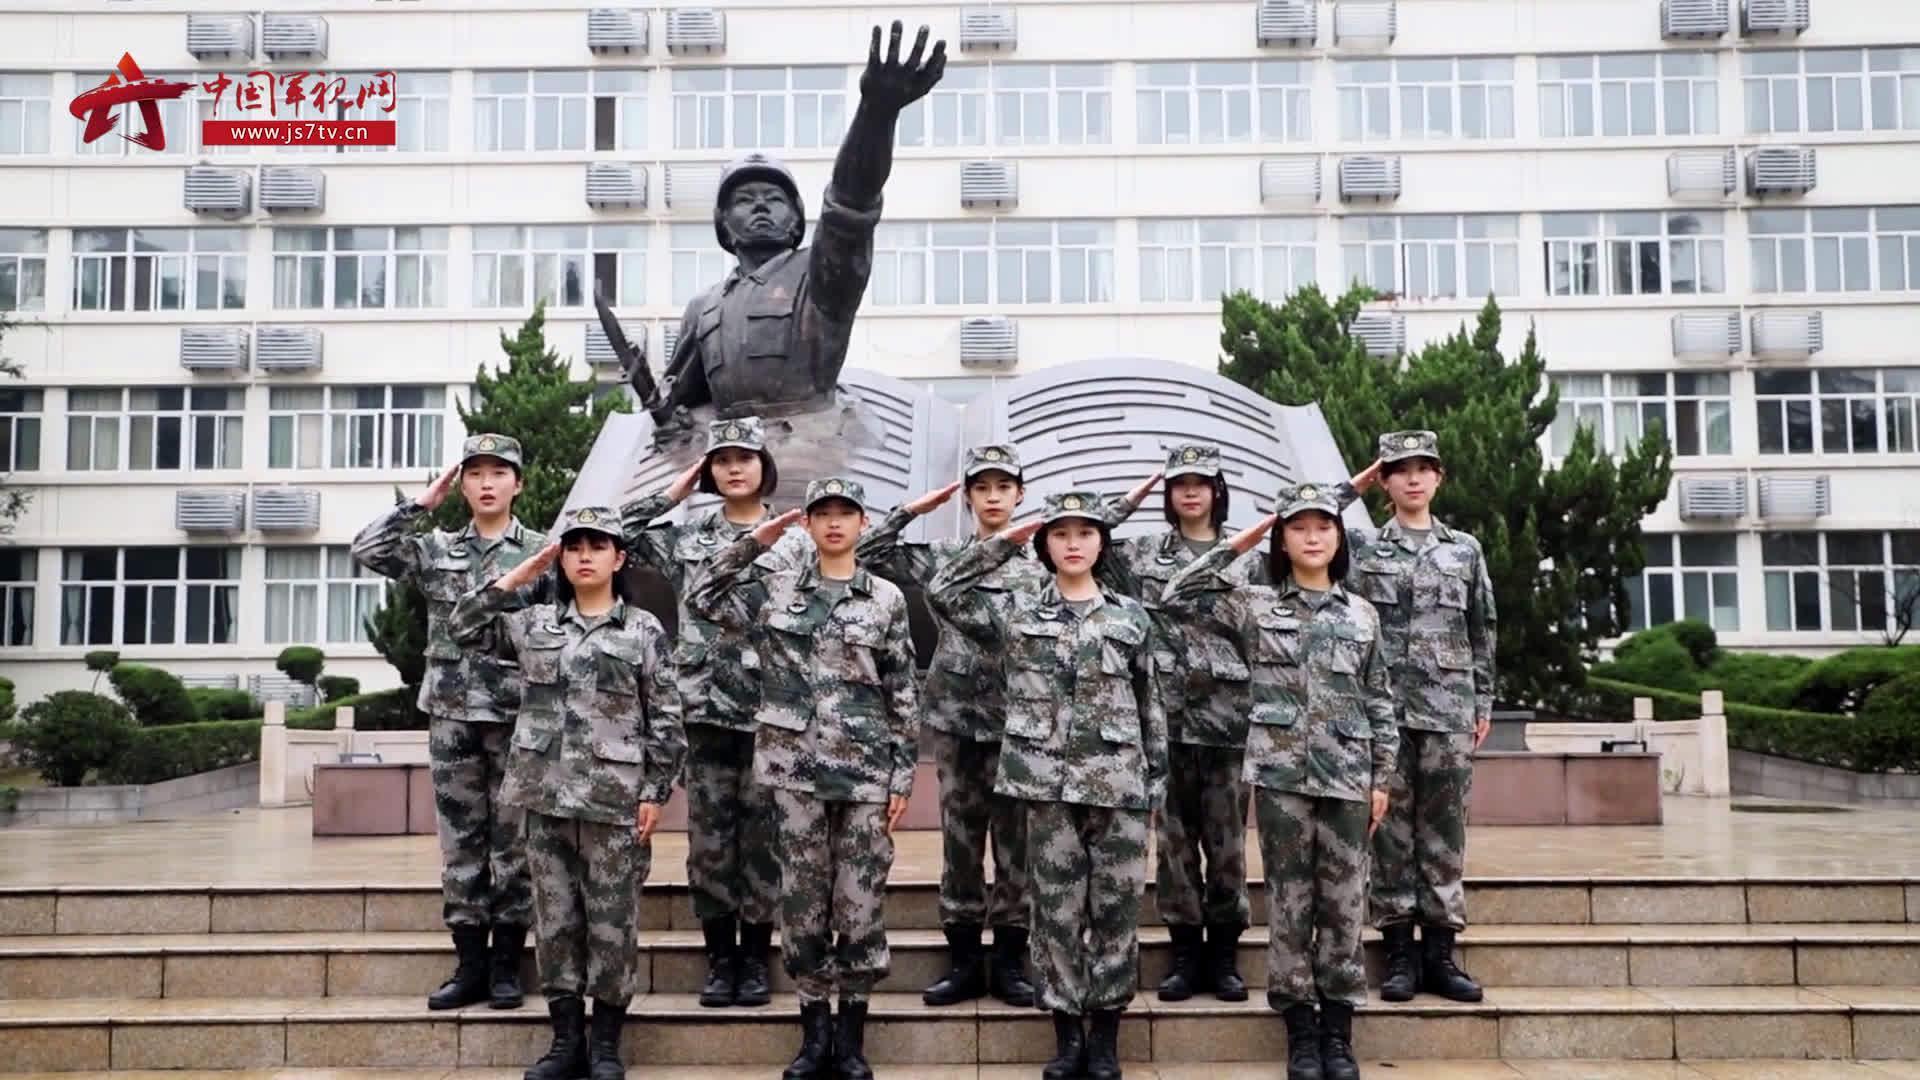 13所军校学员为高考考生送祝福!